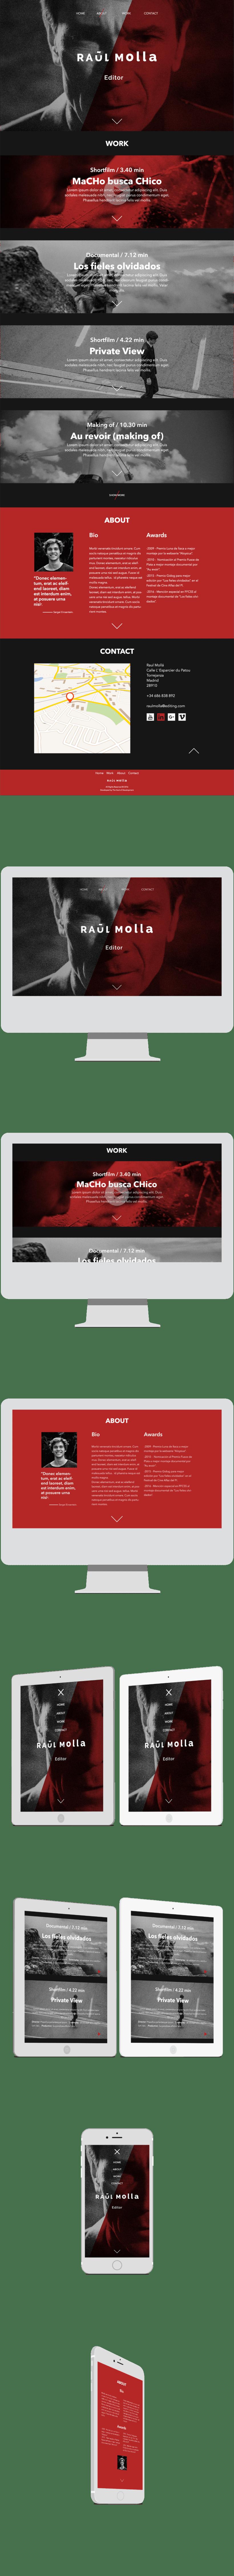 Mi Proyecto del curso: Raul Molla - Editor Portfolio 2